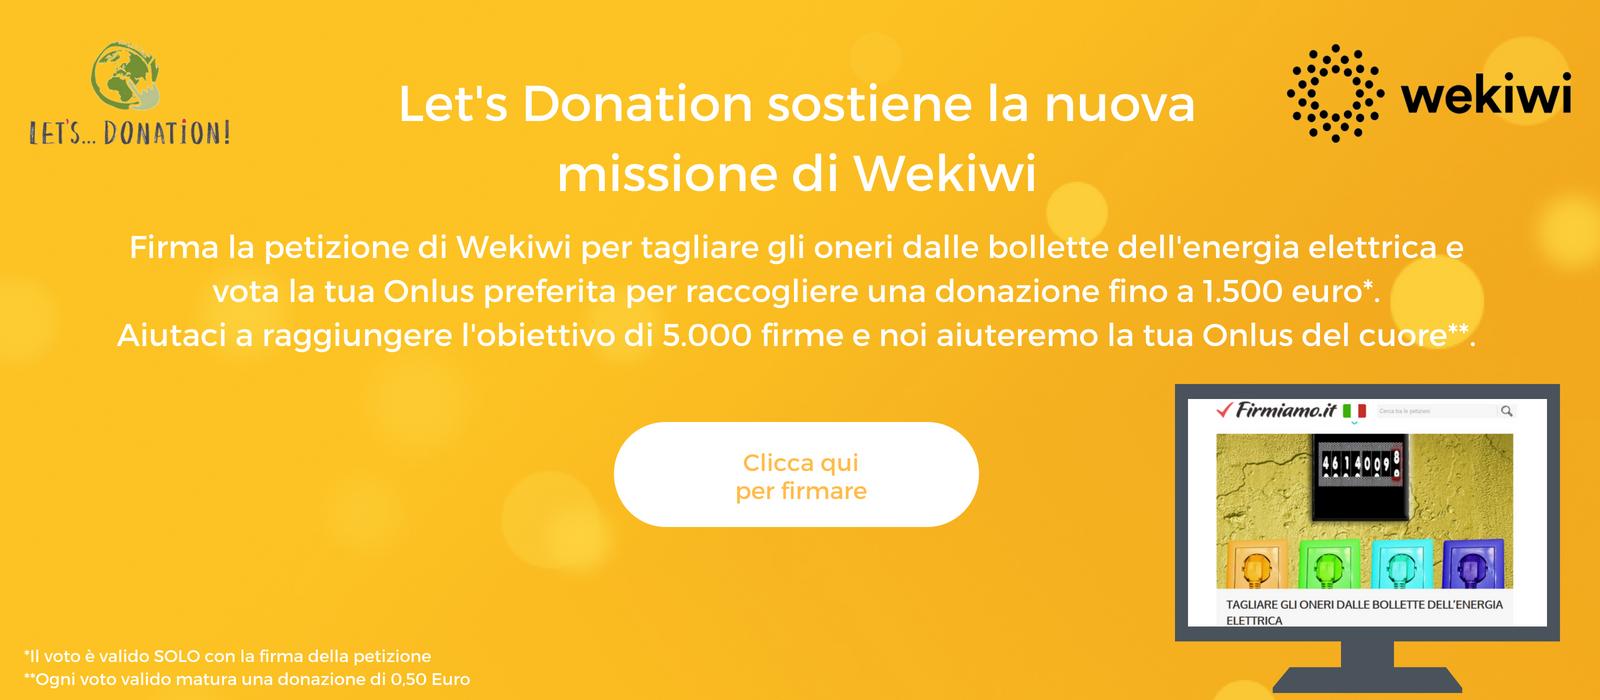 Wekiwi_2018 iniziativa